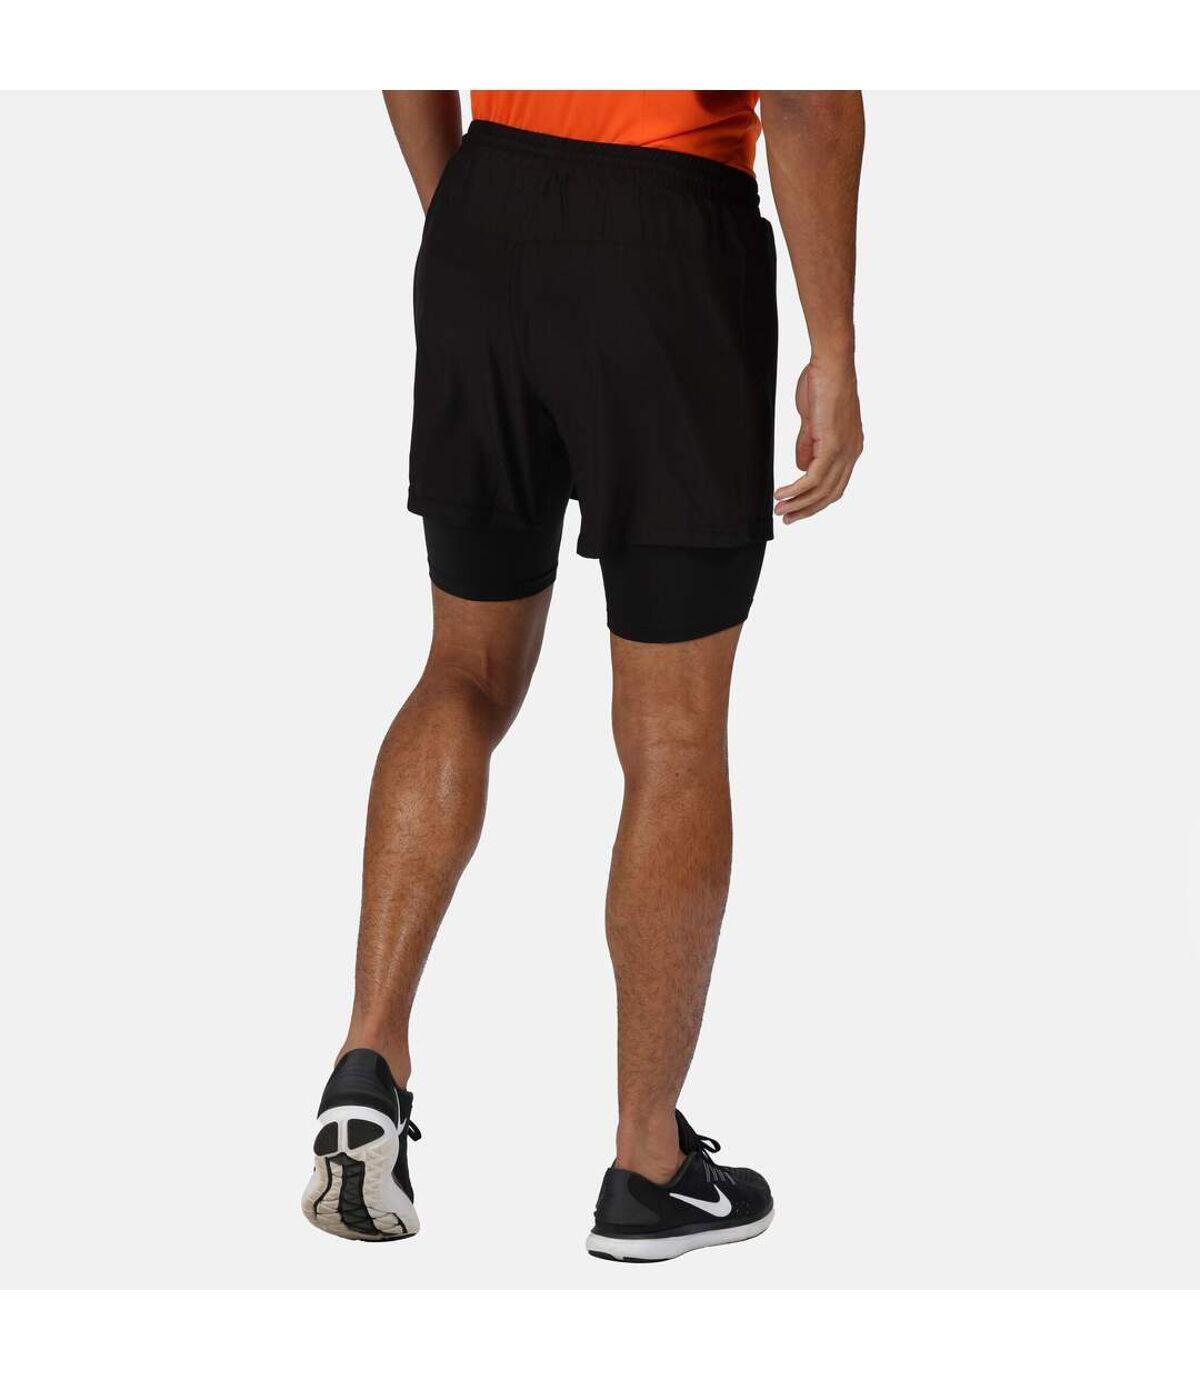 Regatta Mens Berlin Running Shorts (Black) - UTRG5404